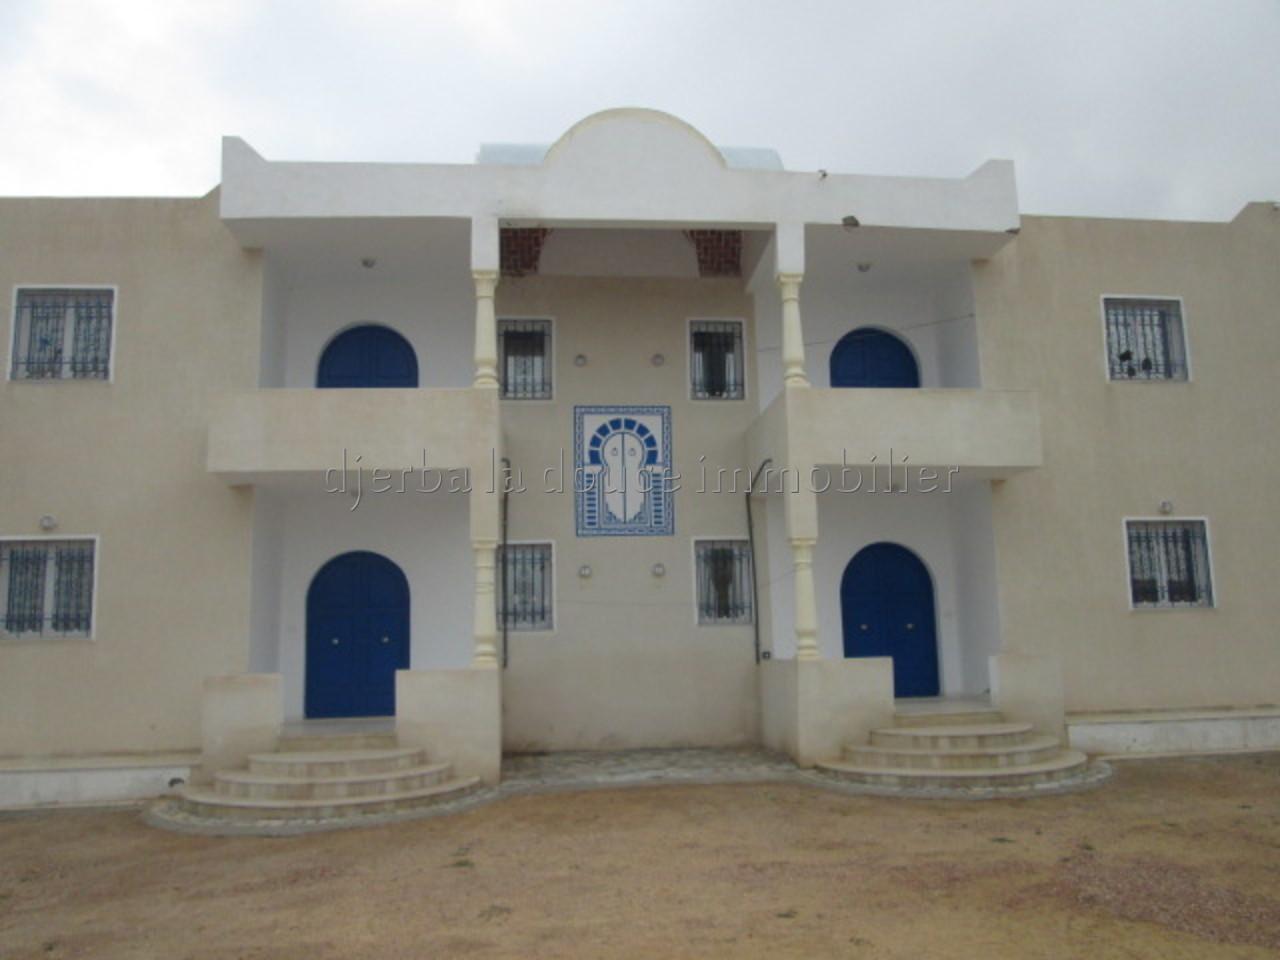 Résidence de 3 apprts à Arkou Djerba à louer pour les vacances